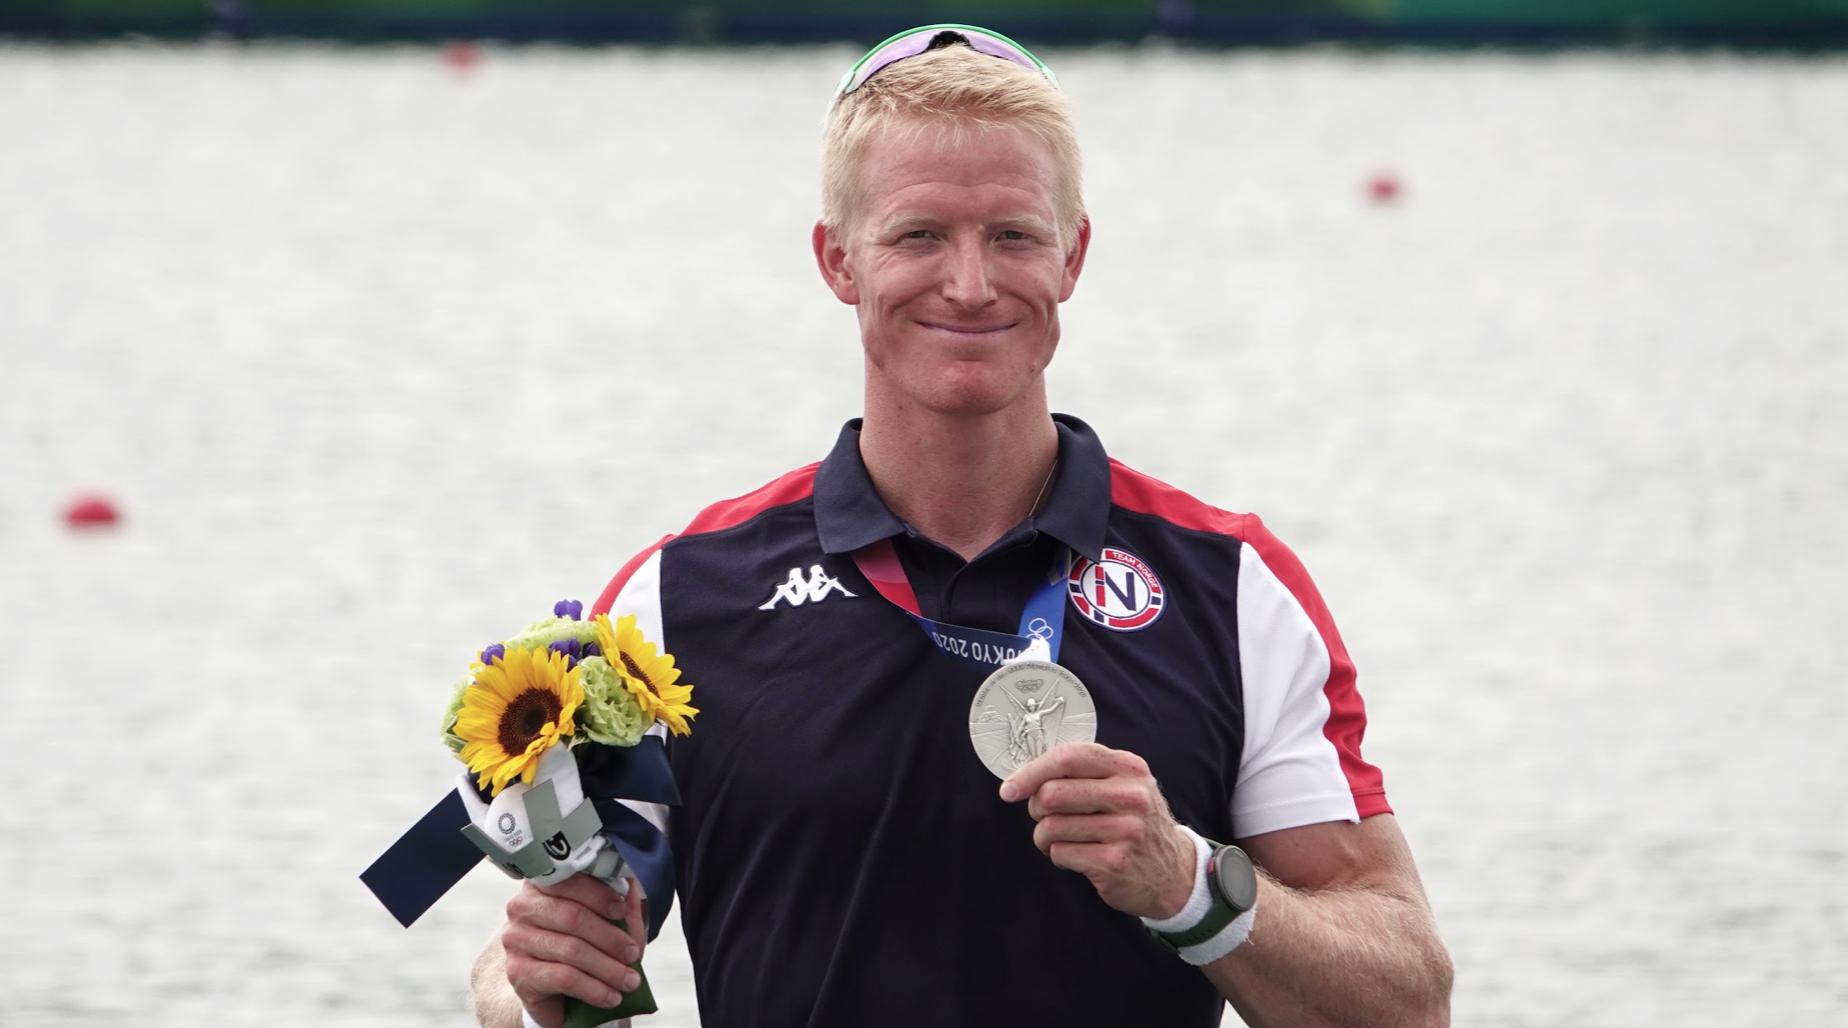 Team Norway / Geir Owe Fredheim